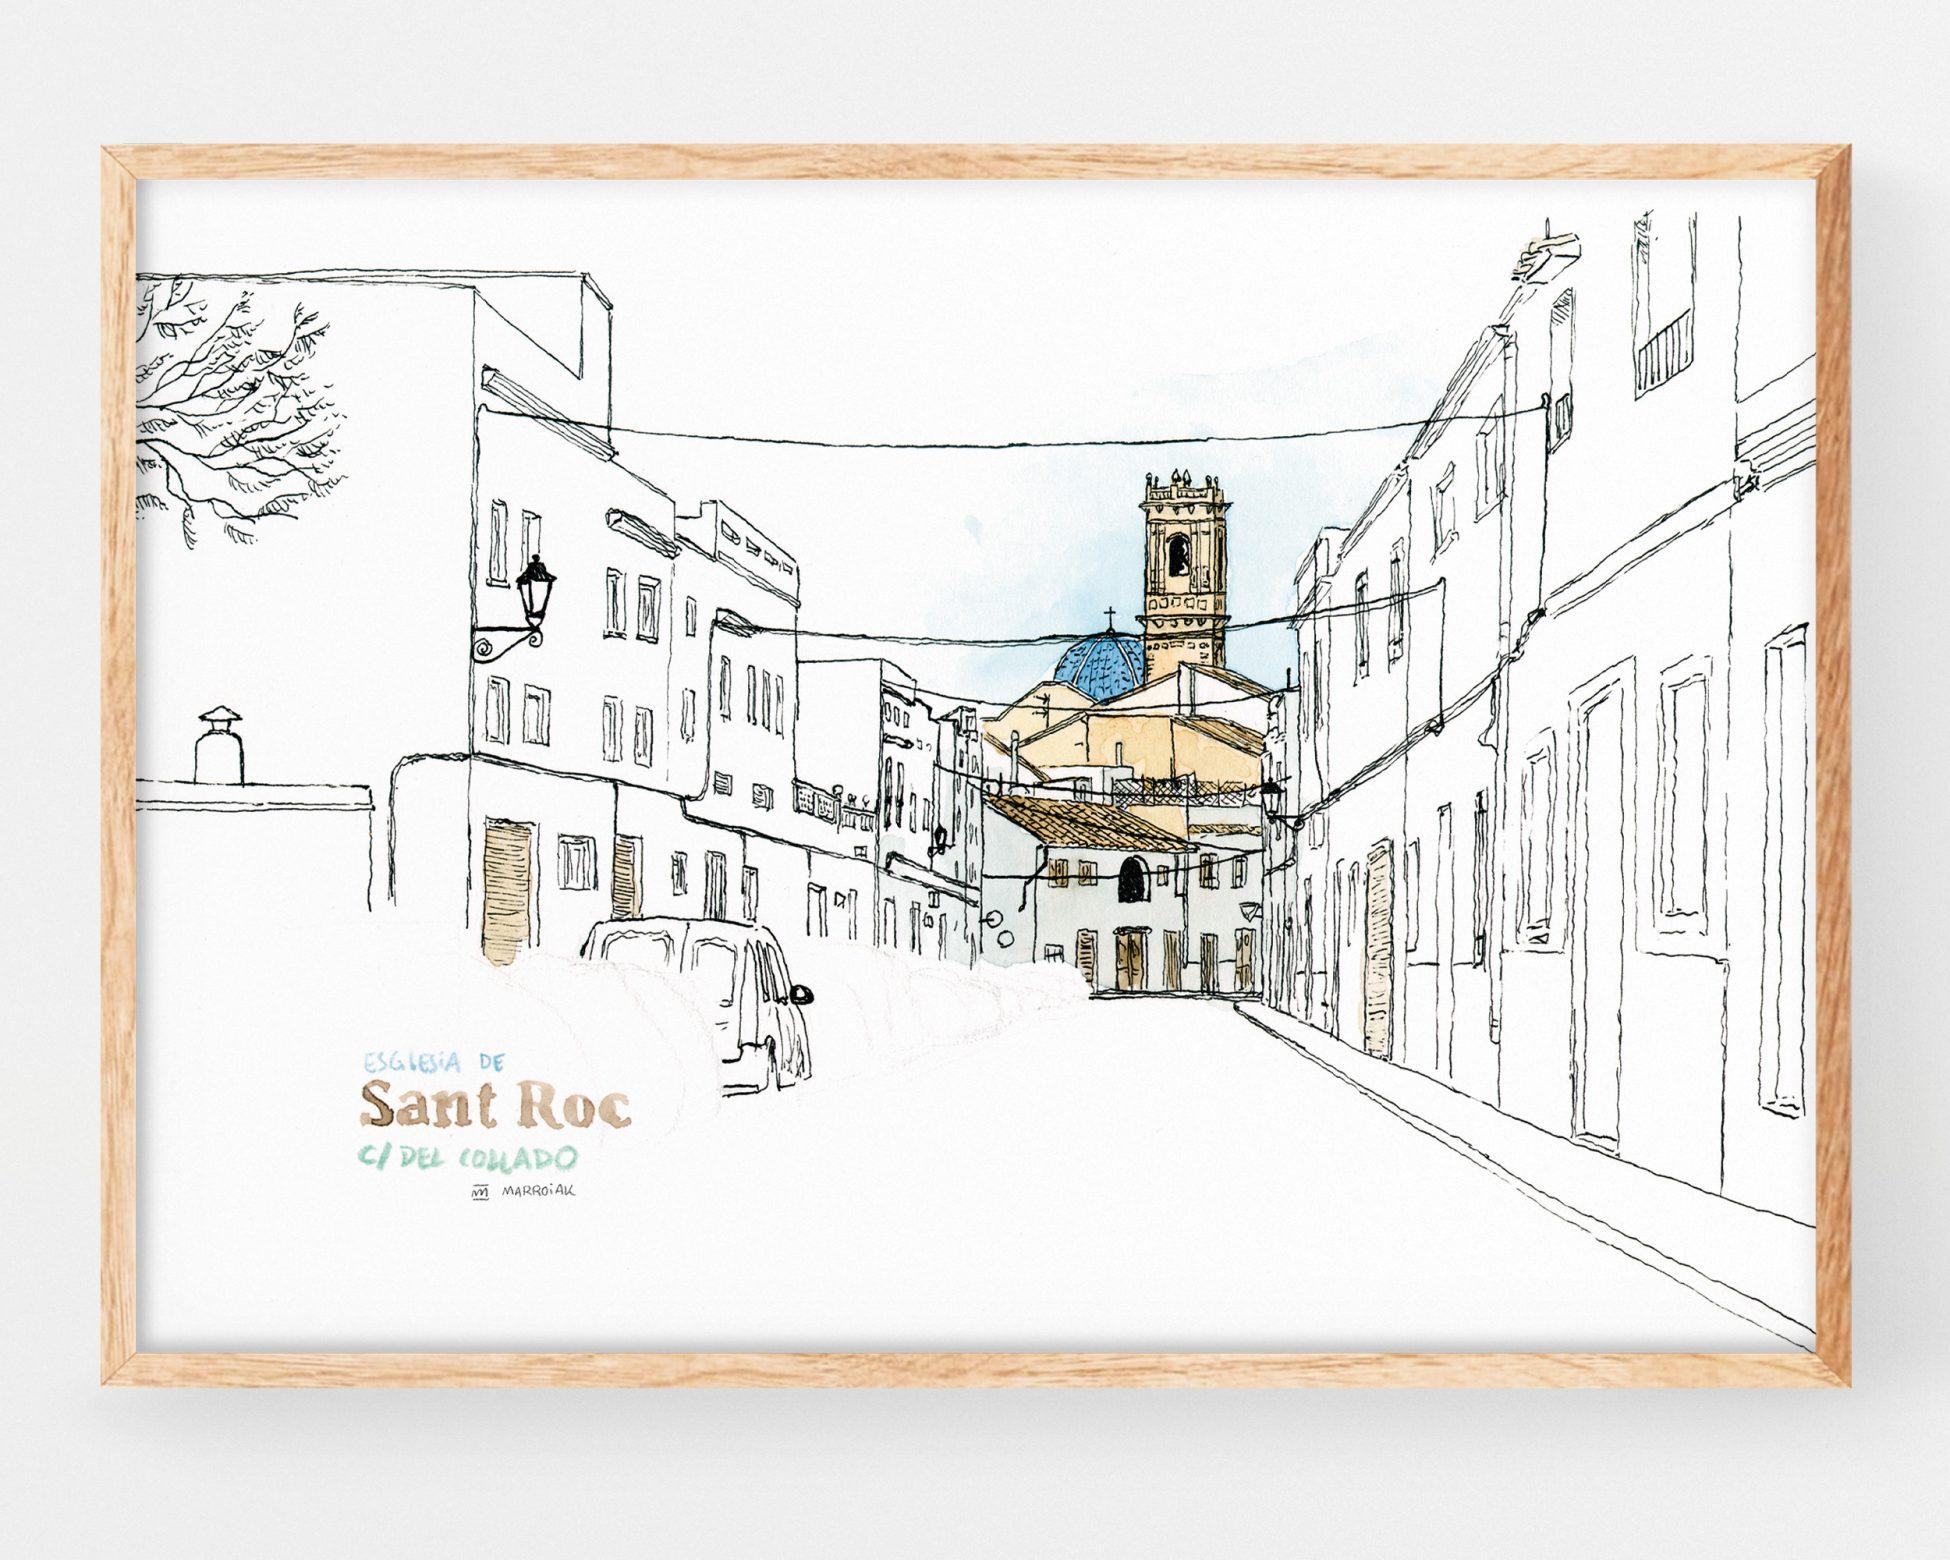 Cuadro decorativo con una lámina de una ilustración en acuarela de la iglesia de san roque en el pueblo de Oliva (valencia). Paisajes de la safor